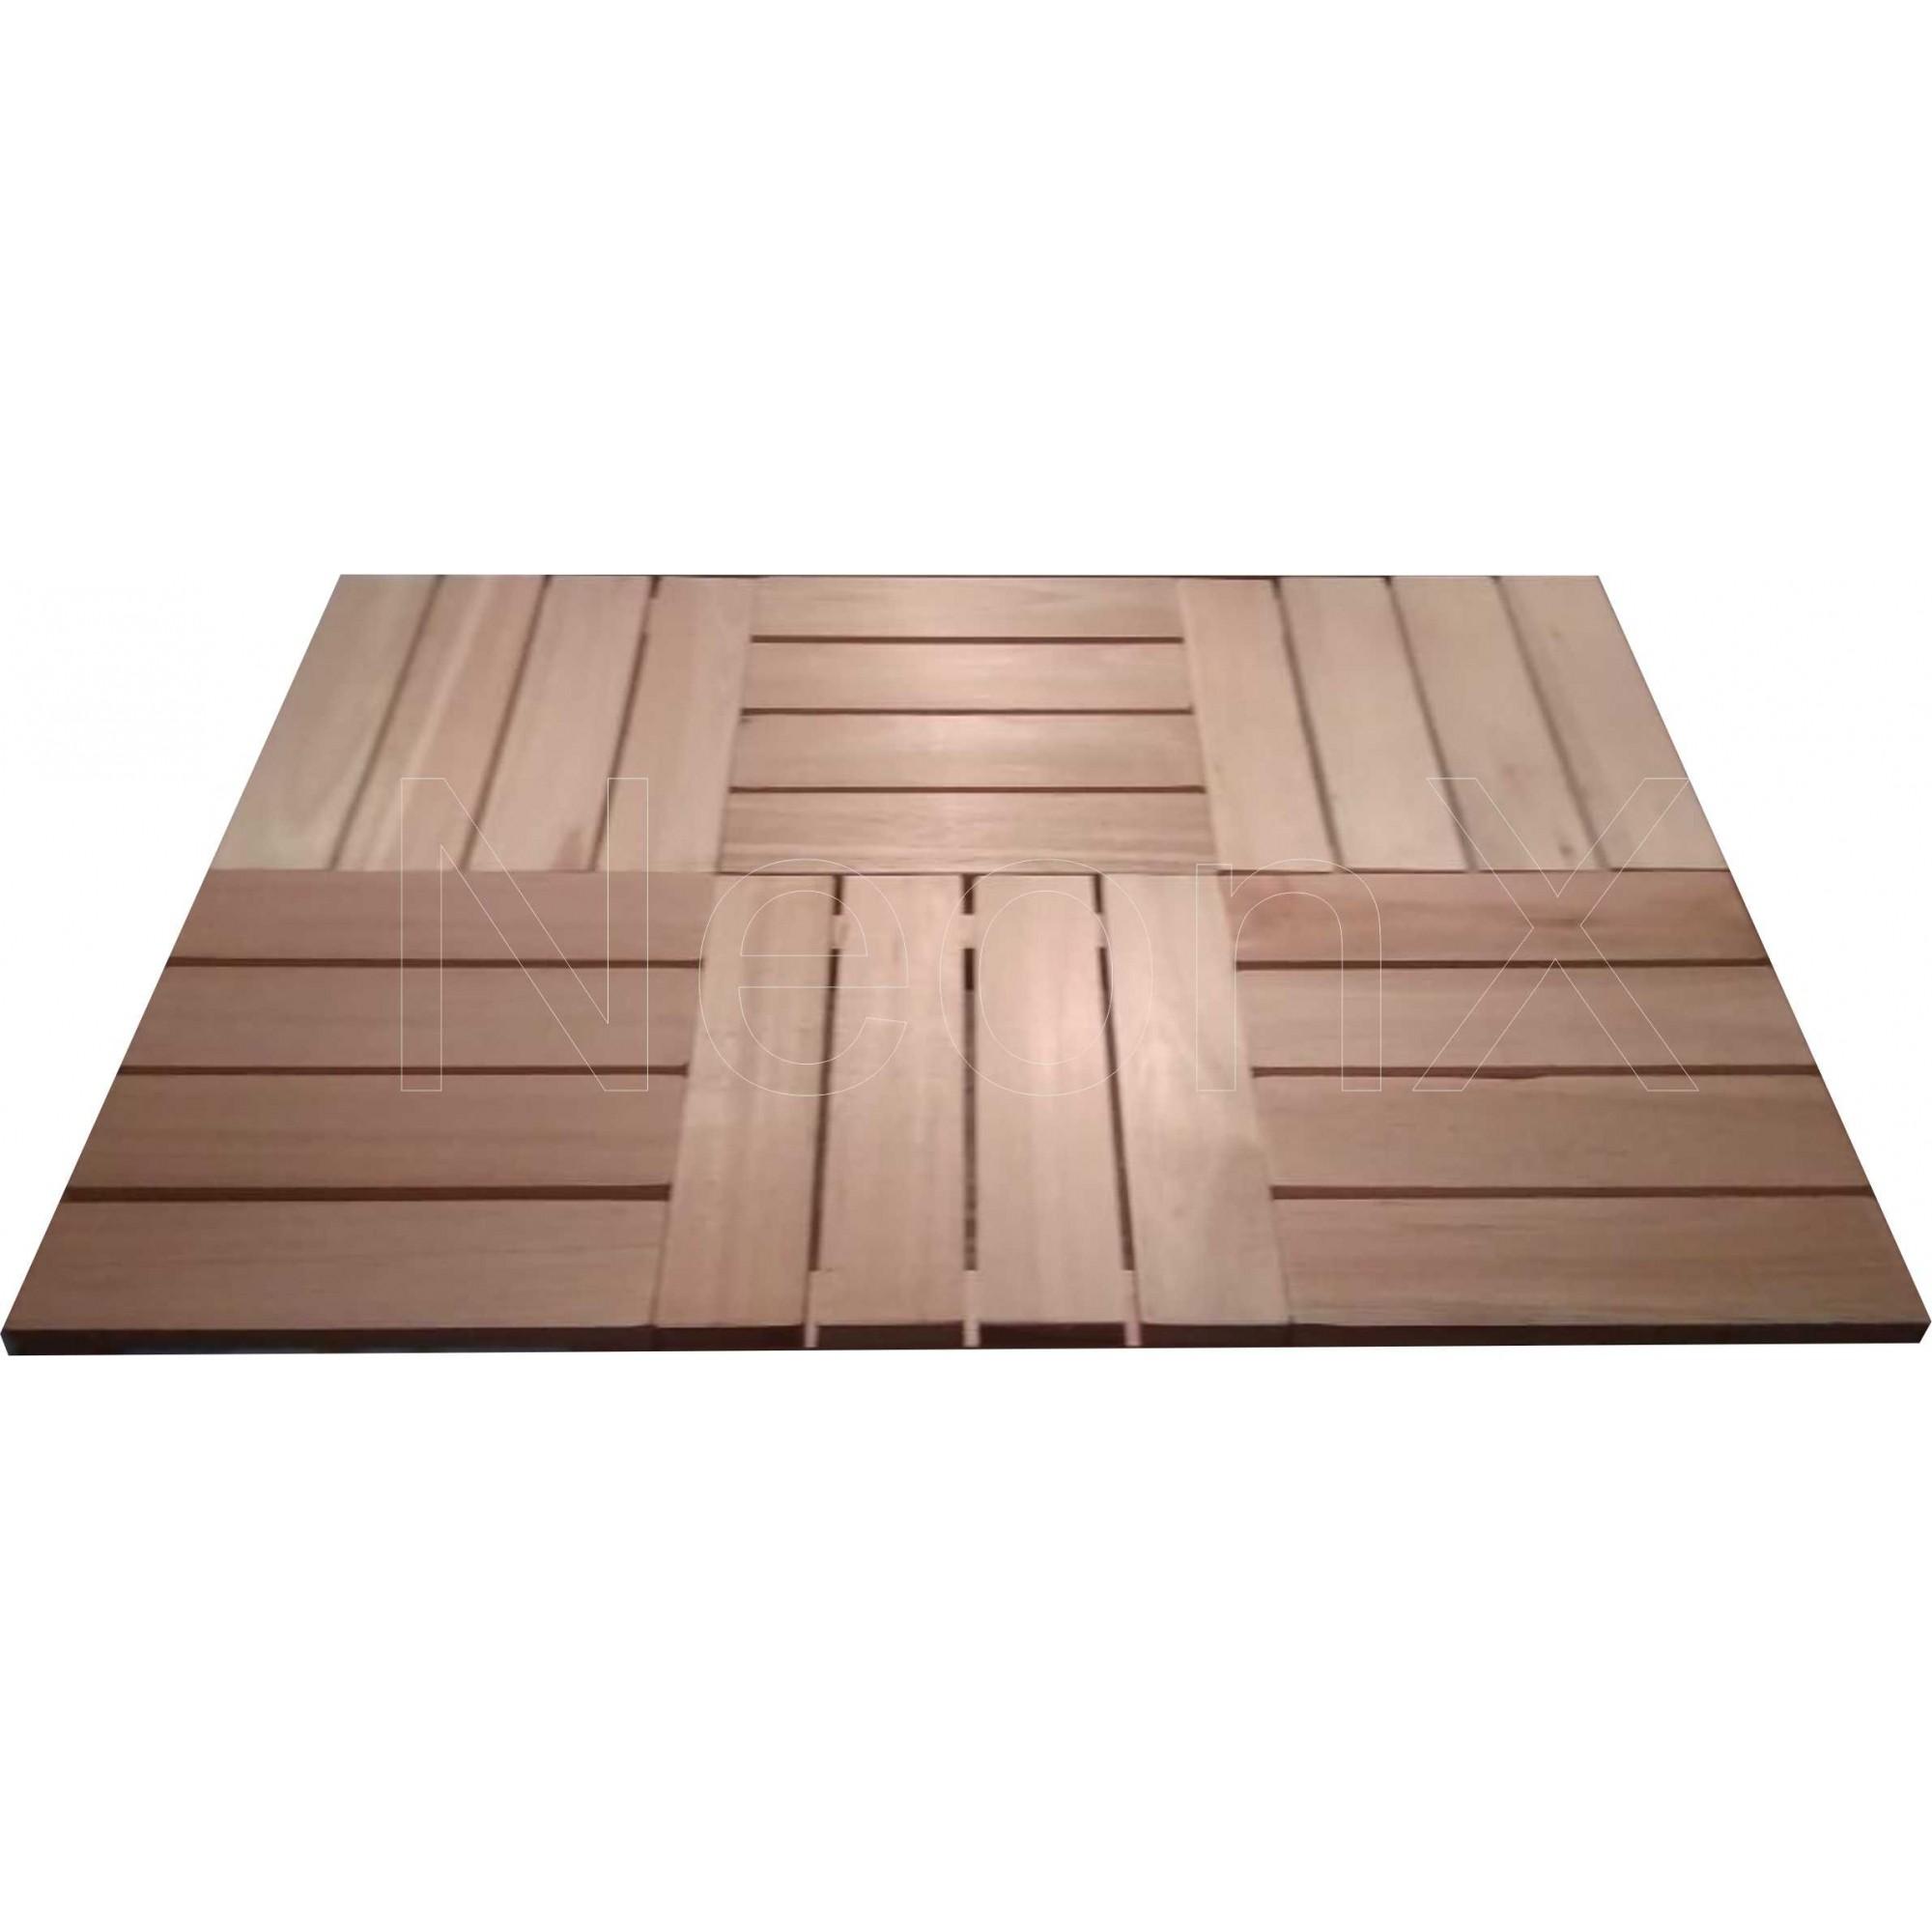 Deck De Madeira Modular 30x30 Cm Réguas 7 cm NeonX